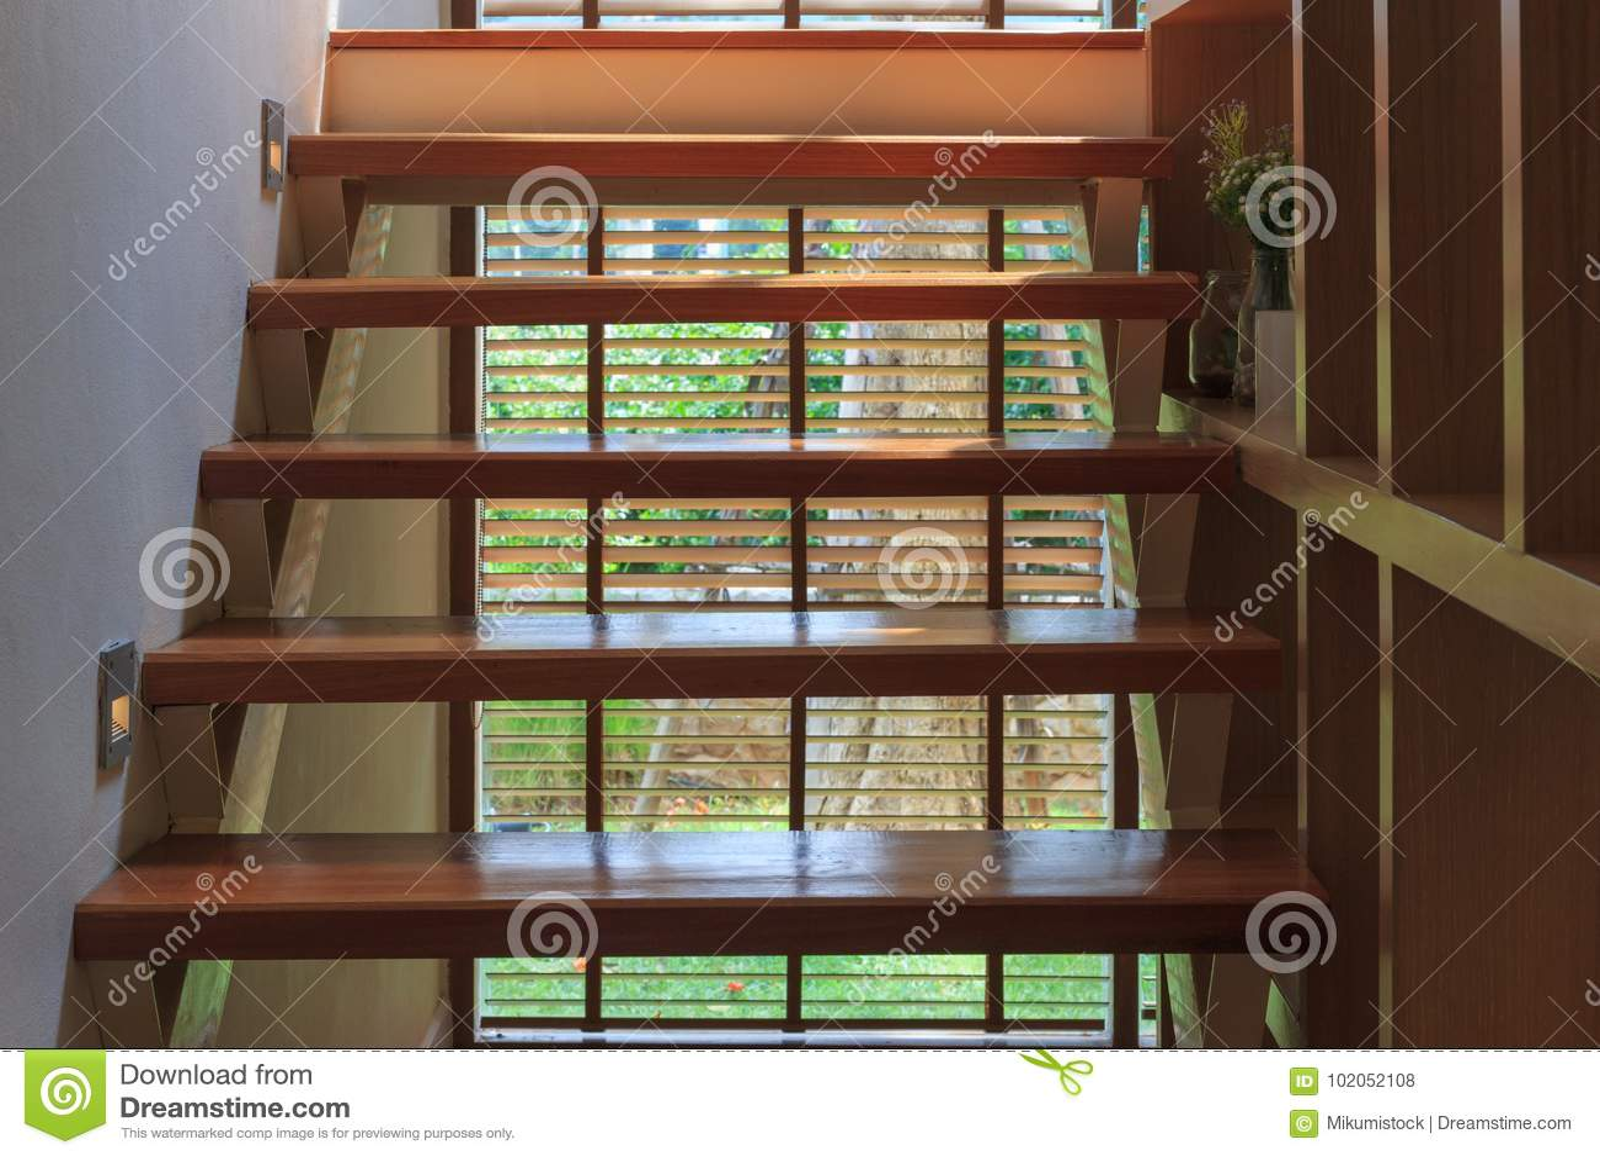 葡萄酒木梯子内部背景